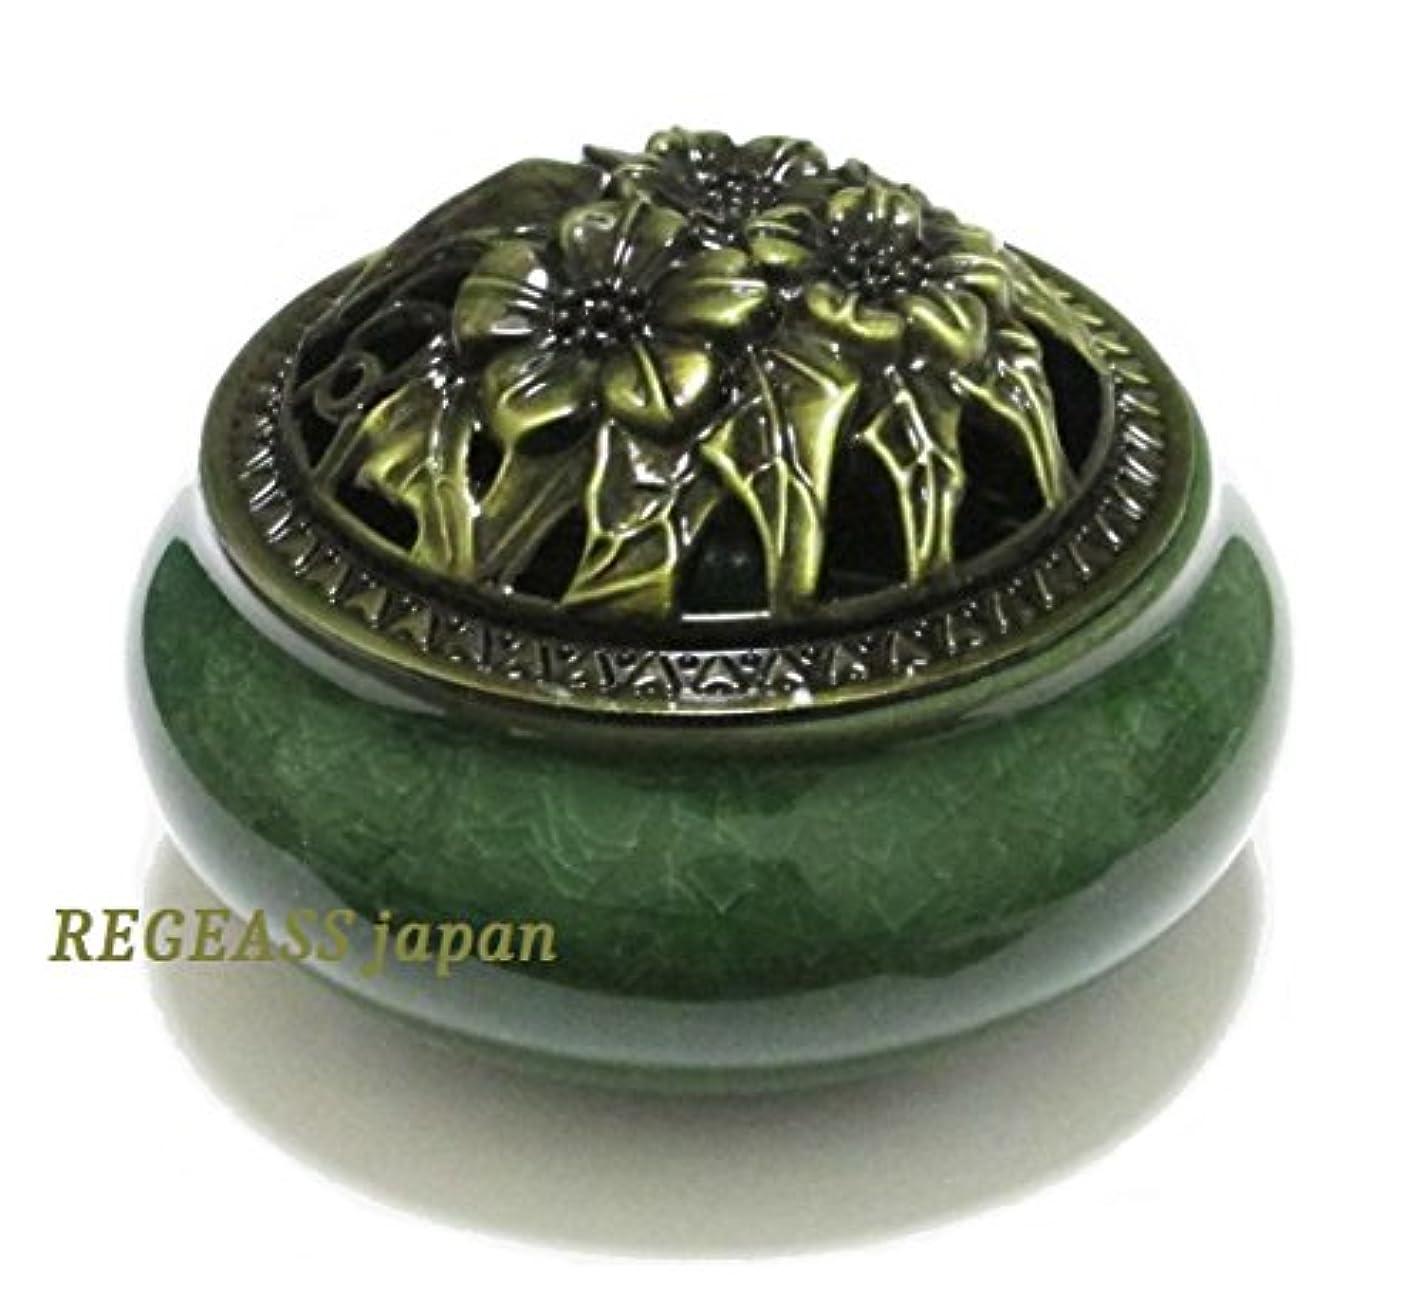 ホールシールカップREGEASS 風水 開運 香炉 磁器 丸香炉 お香立て 天然水晶さざれ石付き (深緑)